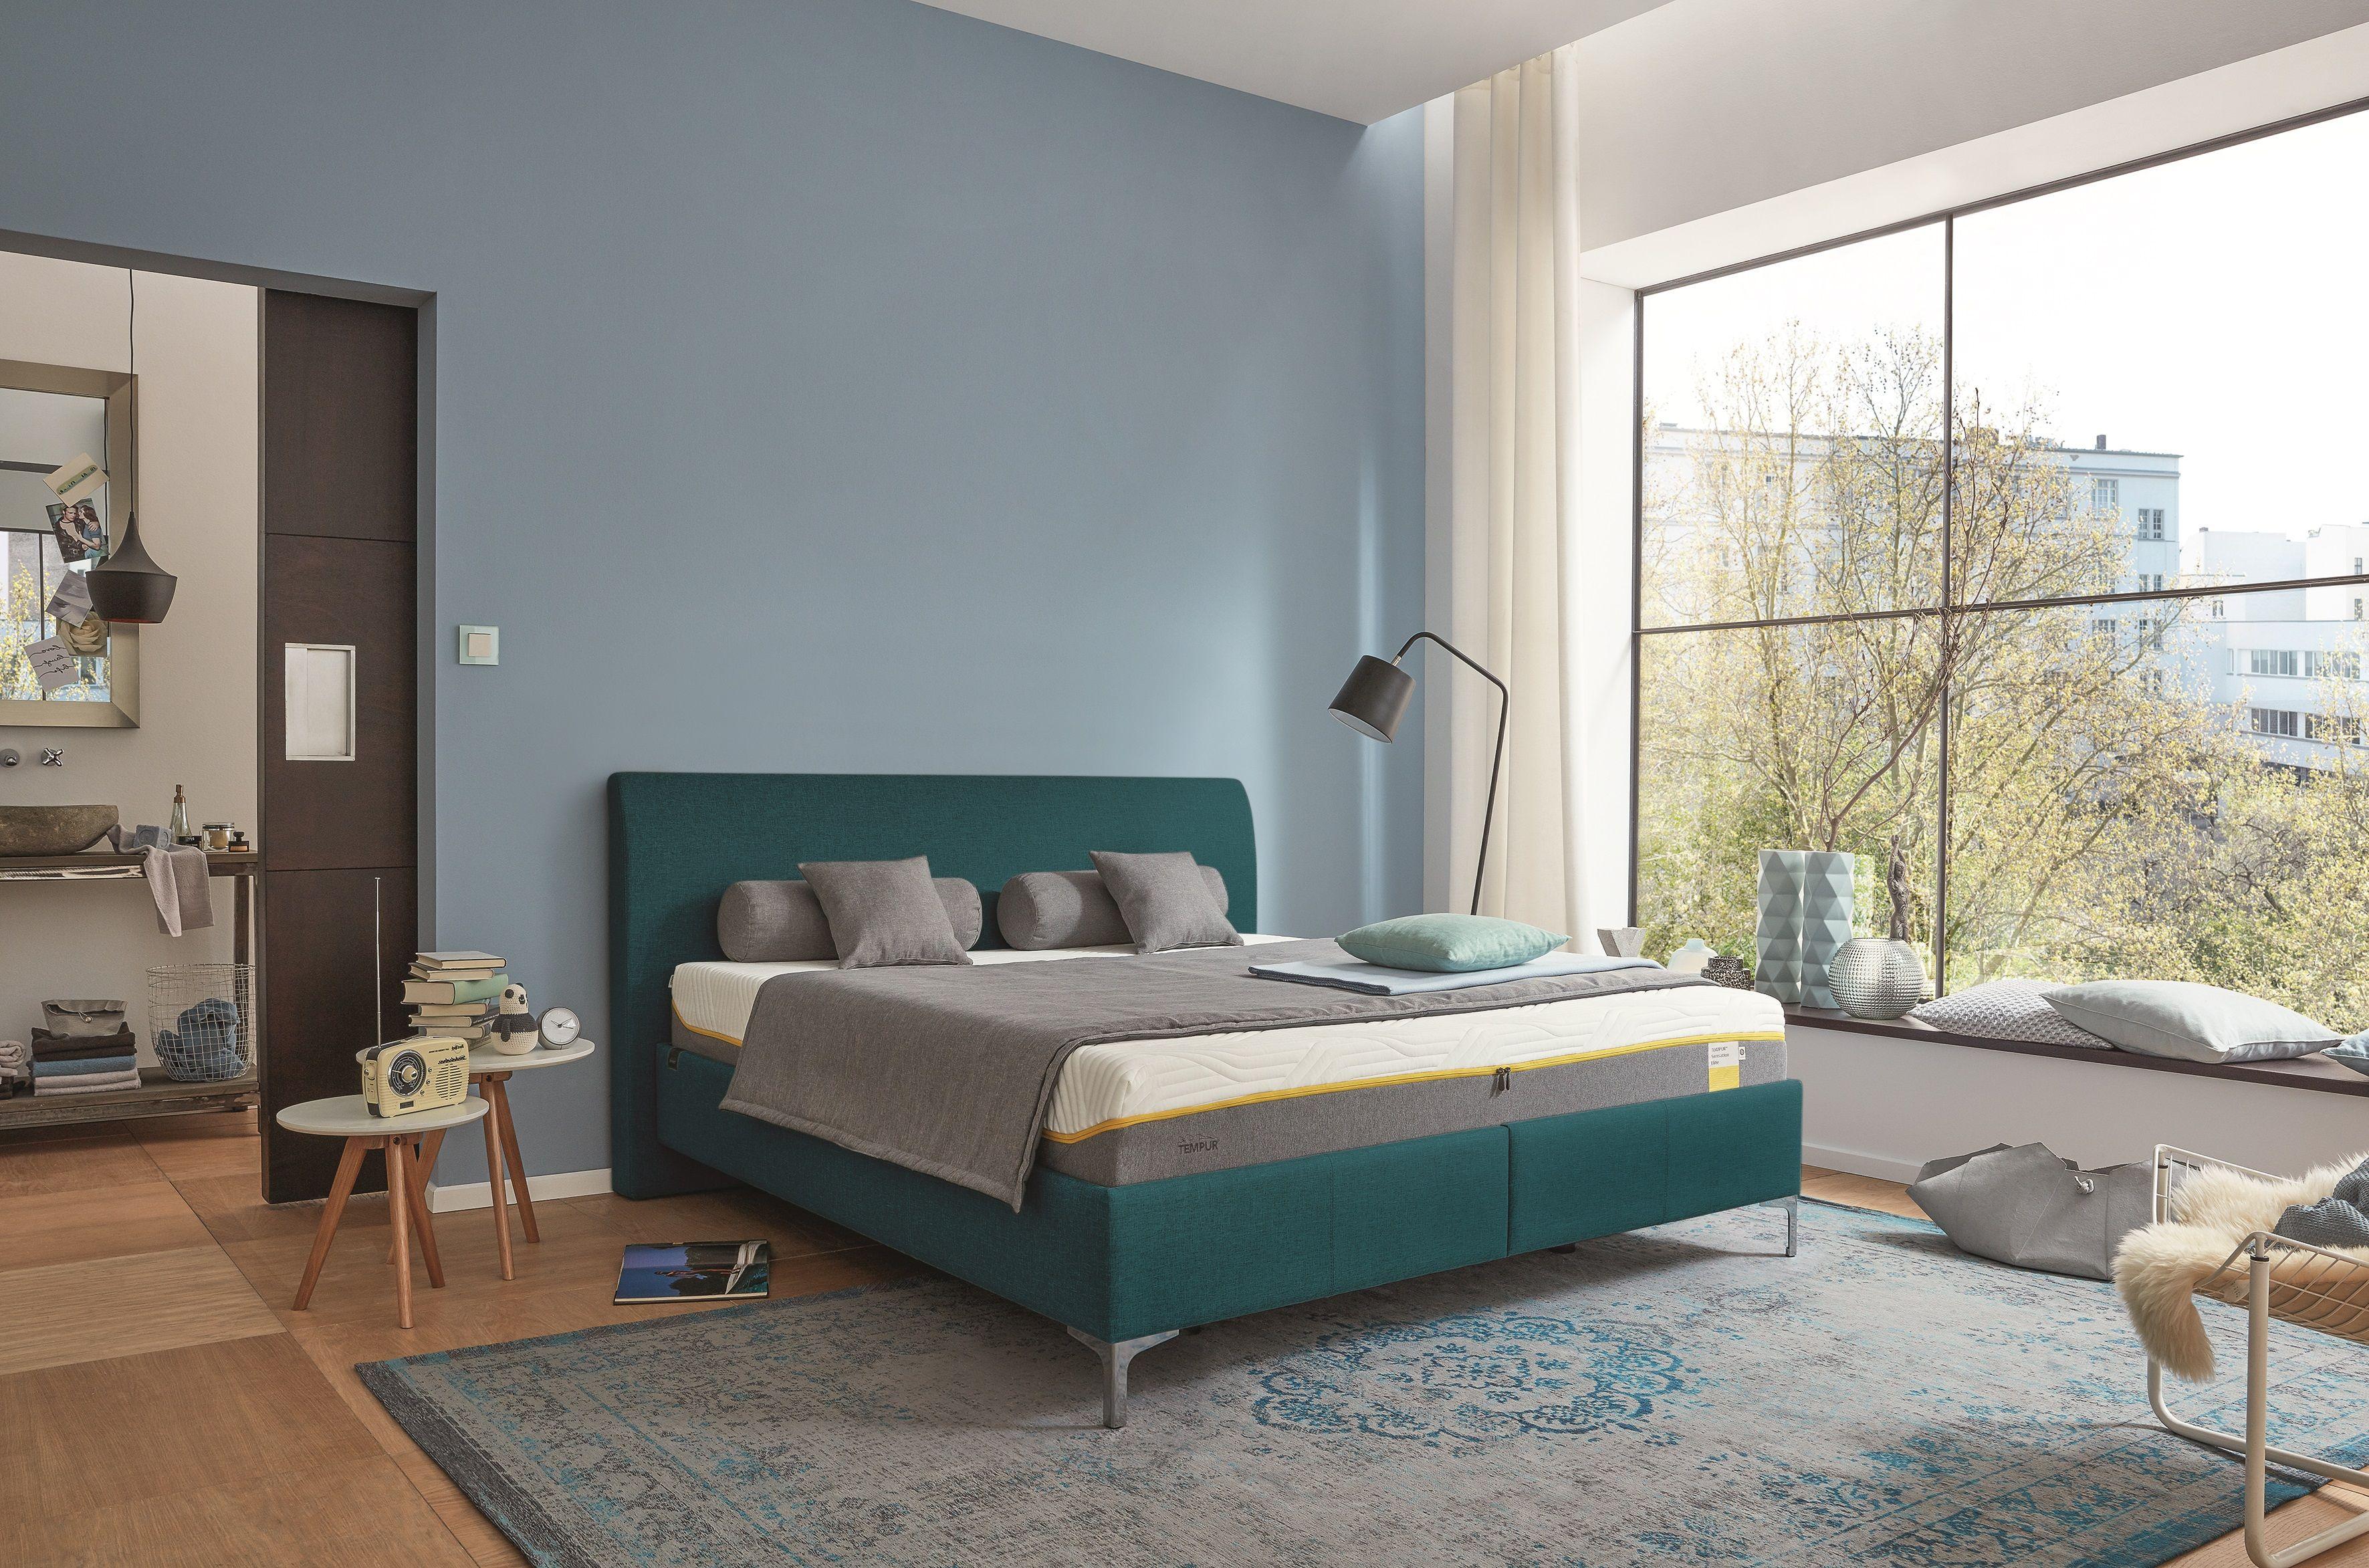 Lit Tempur Relax Tete Shape 110 Cm De Haut Luxusschlafzimmer Schlafzimmer Einrichten Moderne Schlafzimmermobel